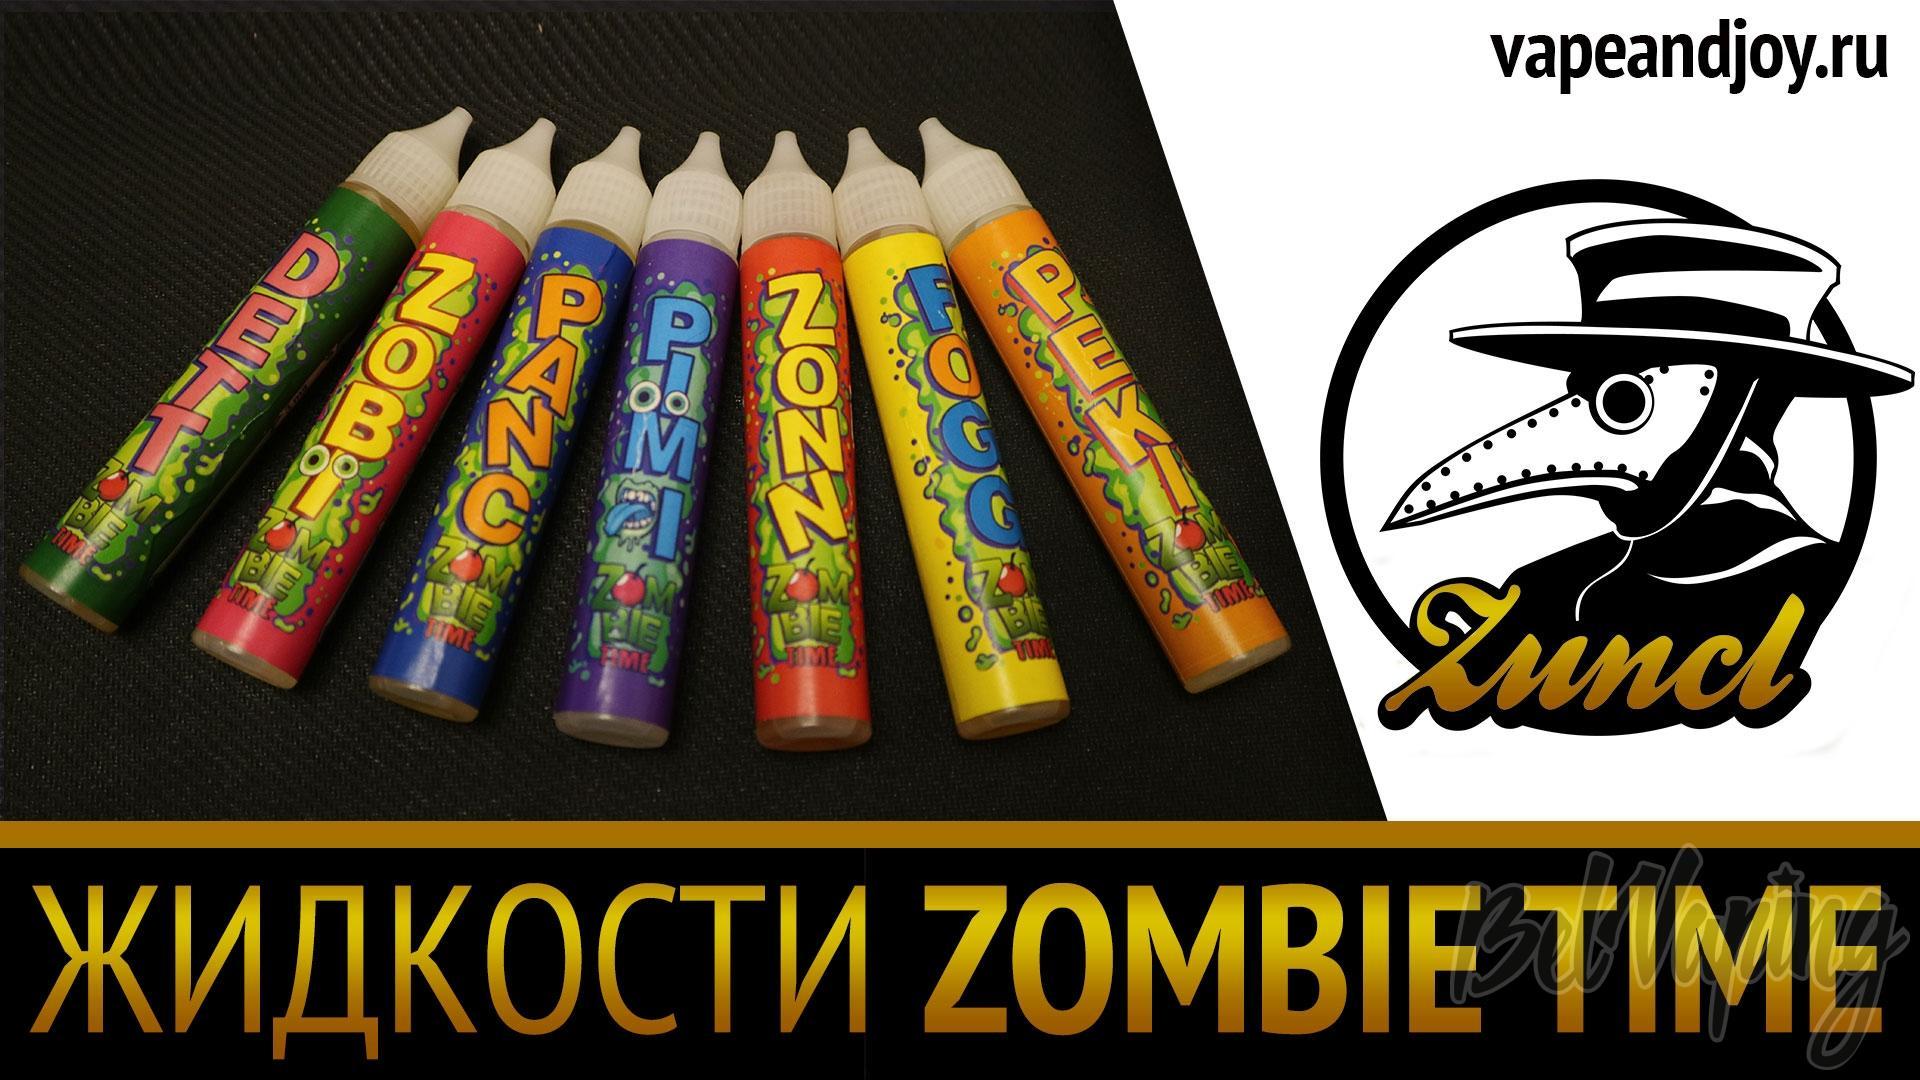 Жидкости Zombie Time